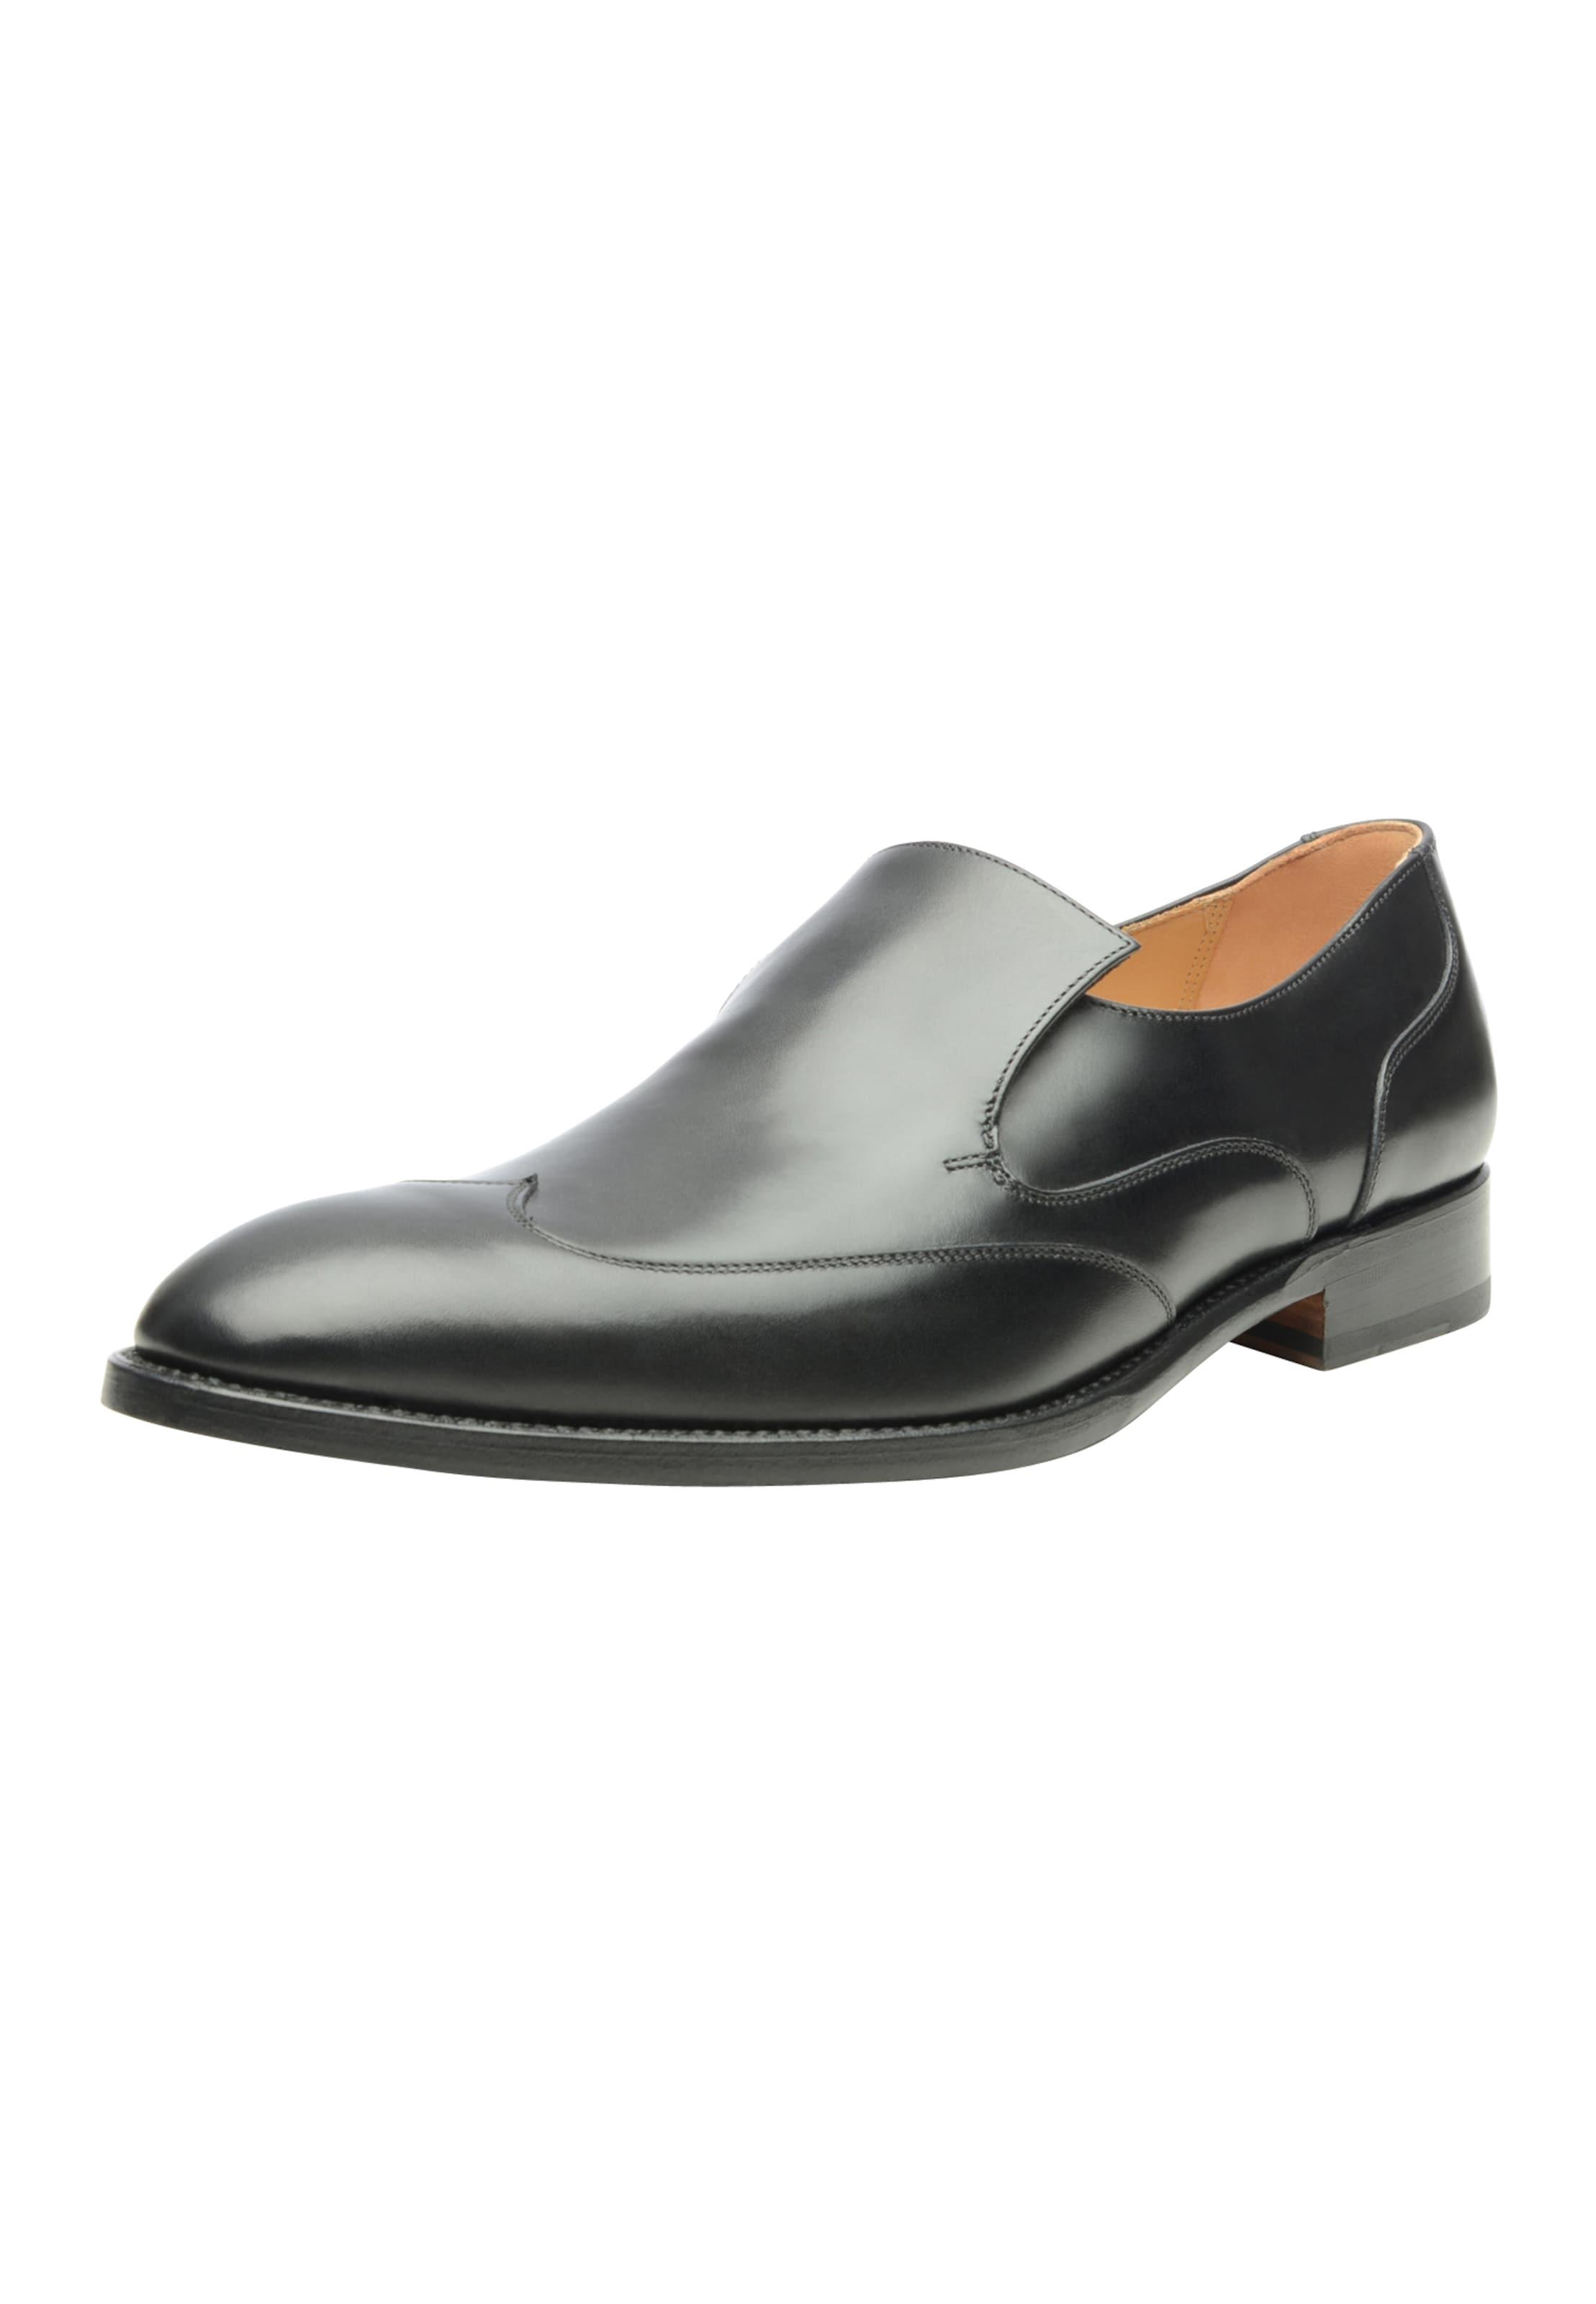 SHOEPASSION Loafer No. 792 Verschleißfeste billige Schuhe